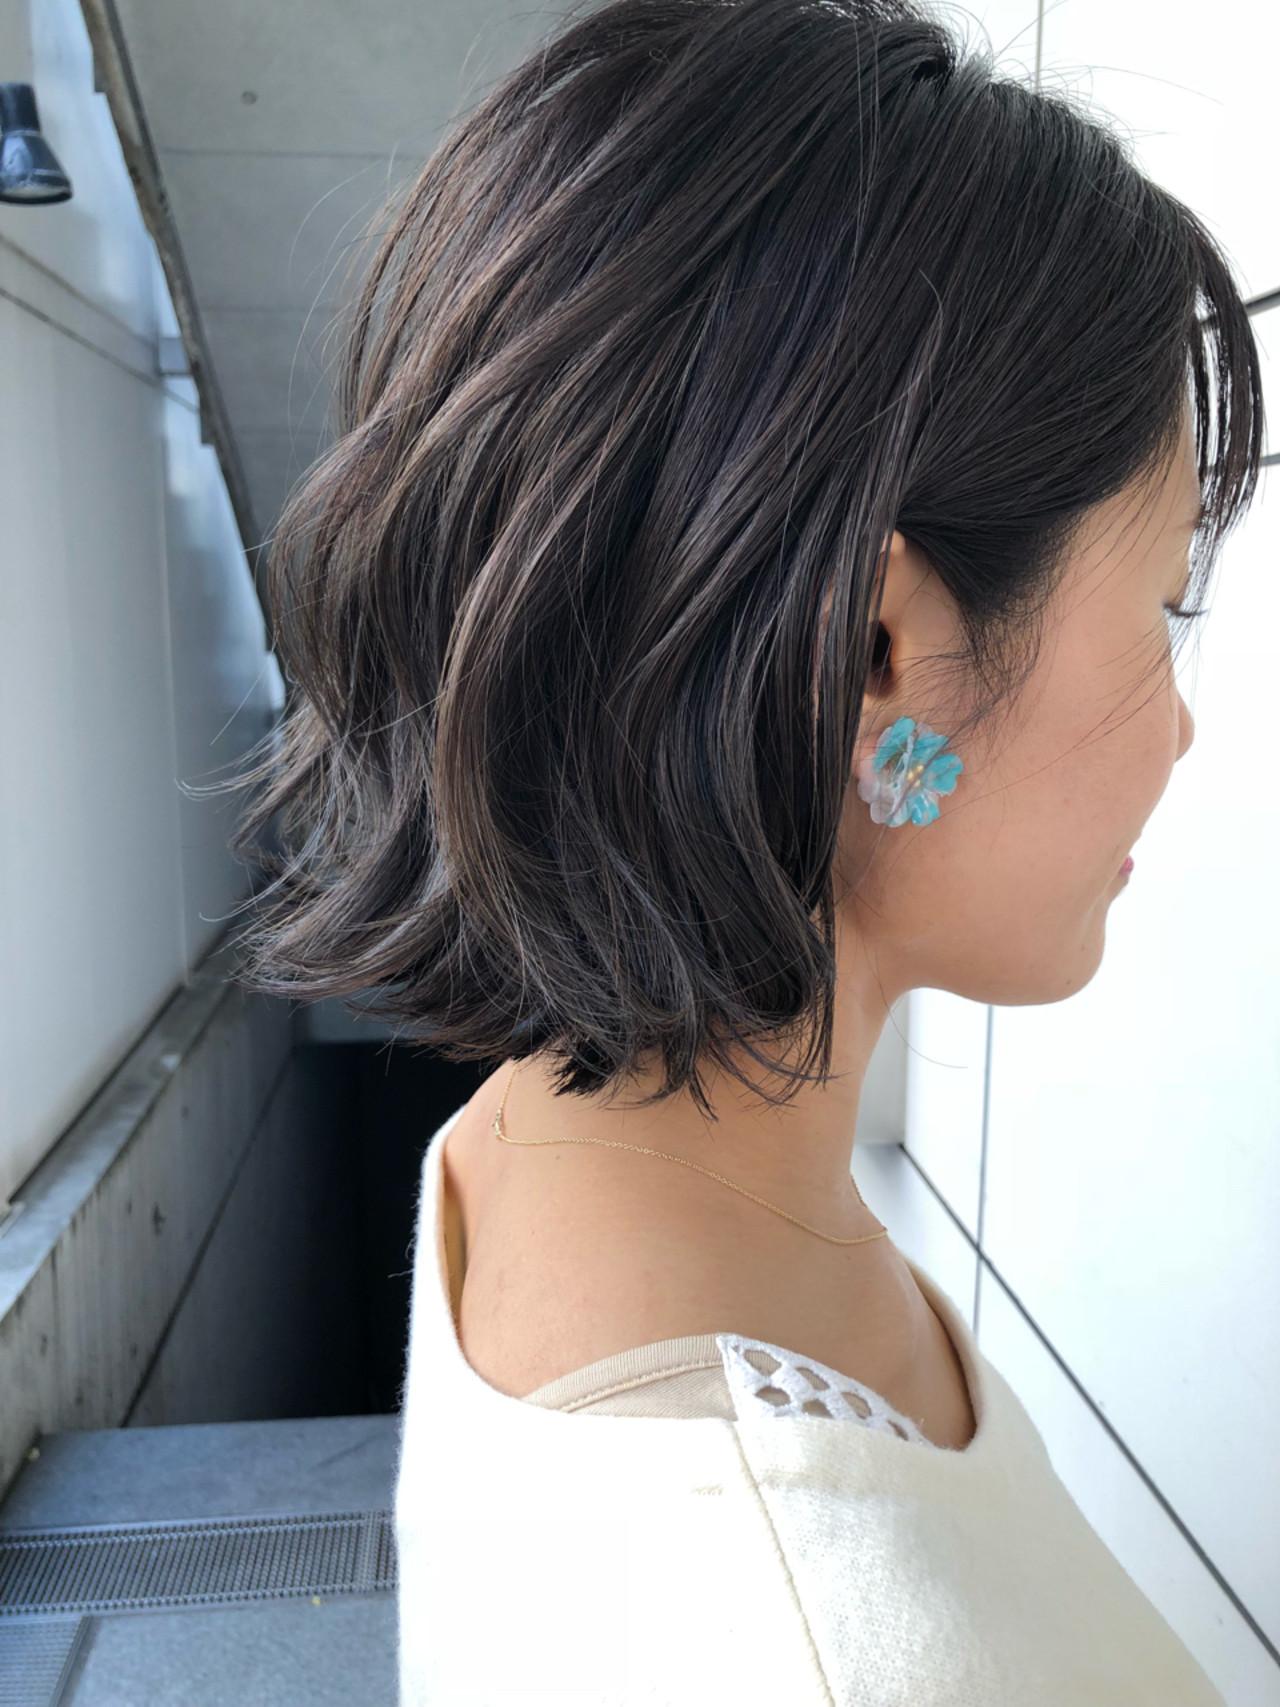 ボブ 大人かわいい ナチュラル 外国人風 ヘアスタイルや髪型の写真・画像 | スガ シュンスケ / Tierra (ティエラ)